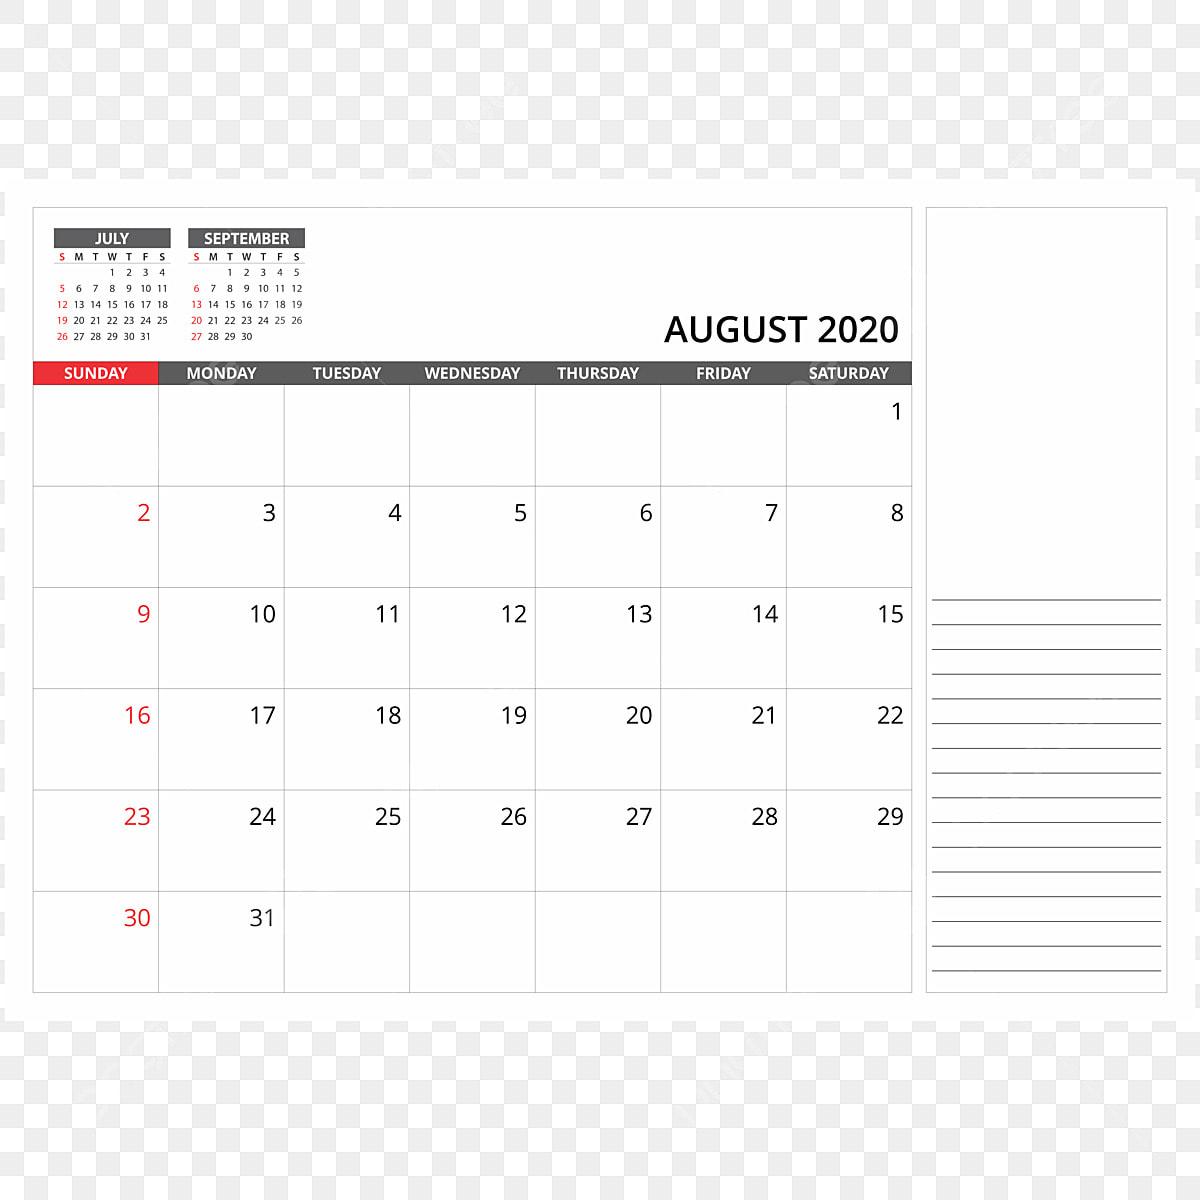 Calendrier Aout 2020.Calendrier Mensuel Du Mois D Aout 2020 2020 Calendrier La